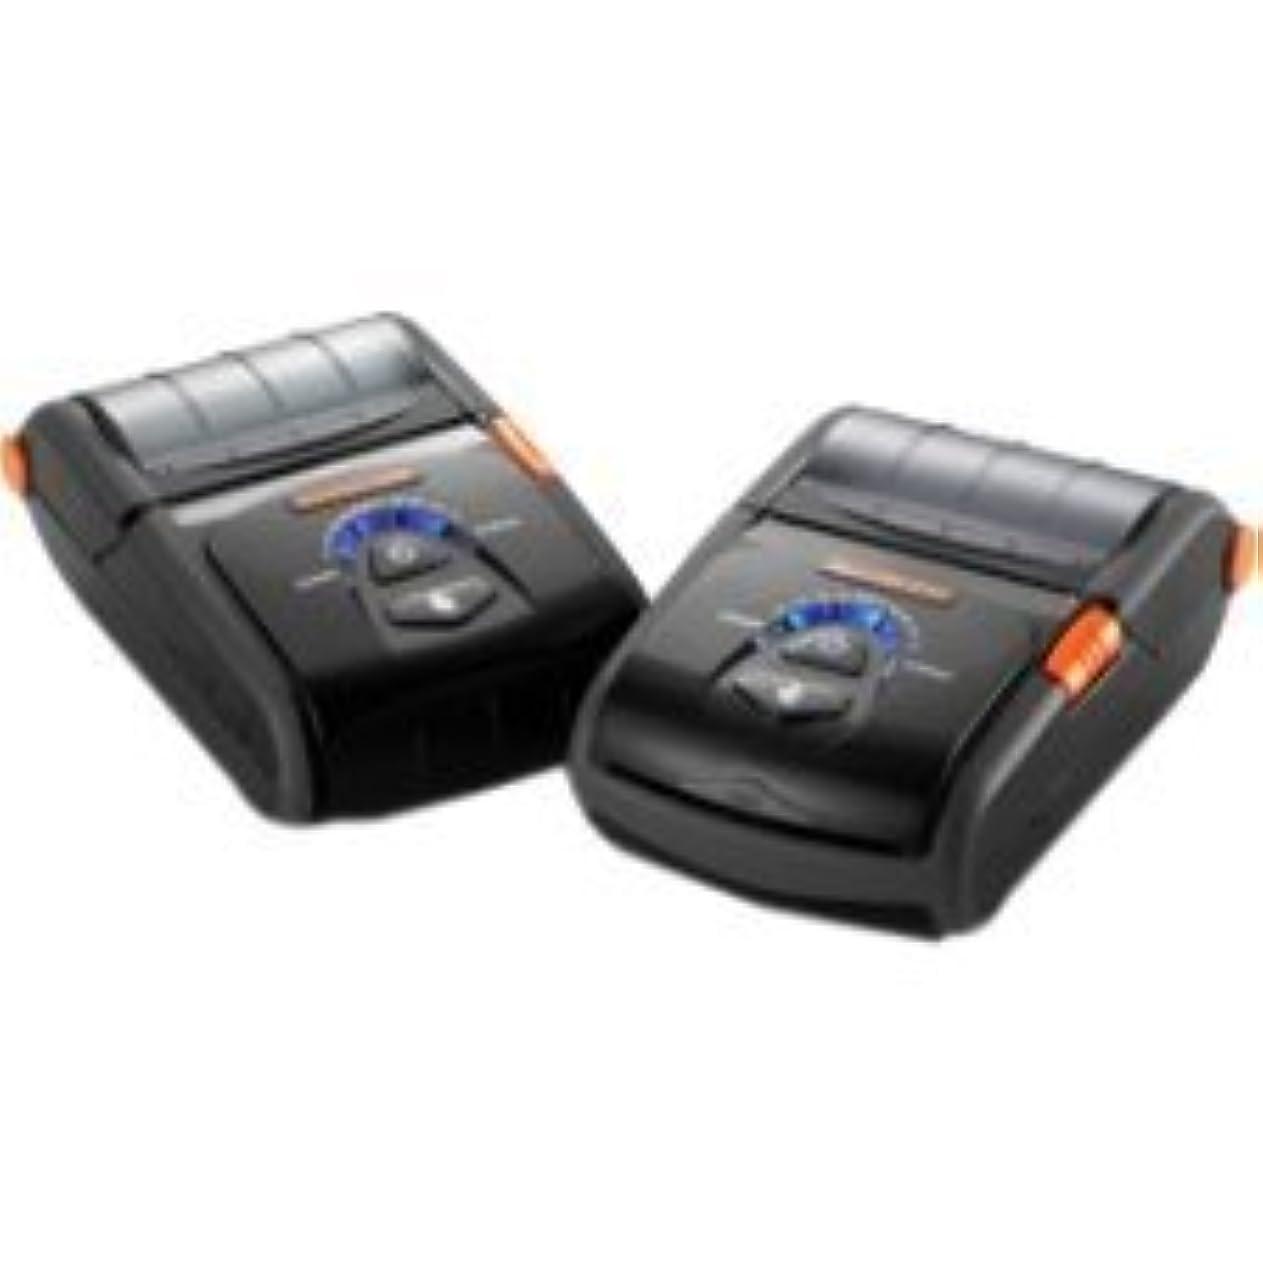 グローブ可聴軍Bixolon SPP-R200II Direct Thermal Receipt Printer Serial USB MFI BT MSR, Monochrome [並行輸入品]